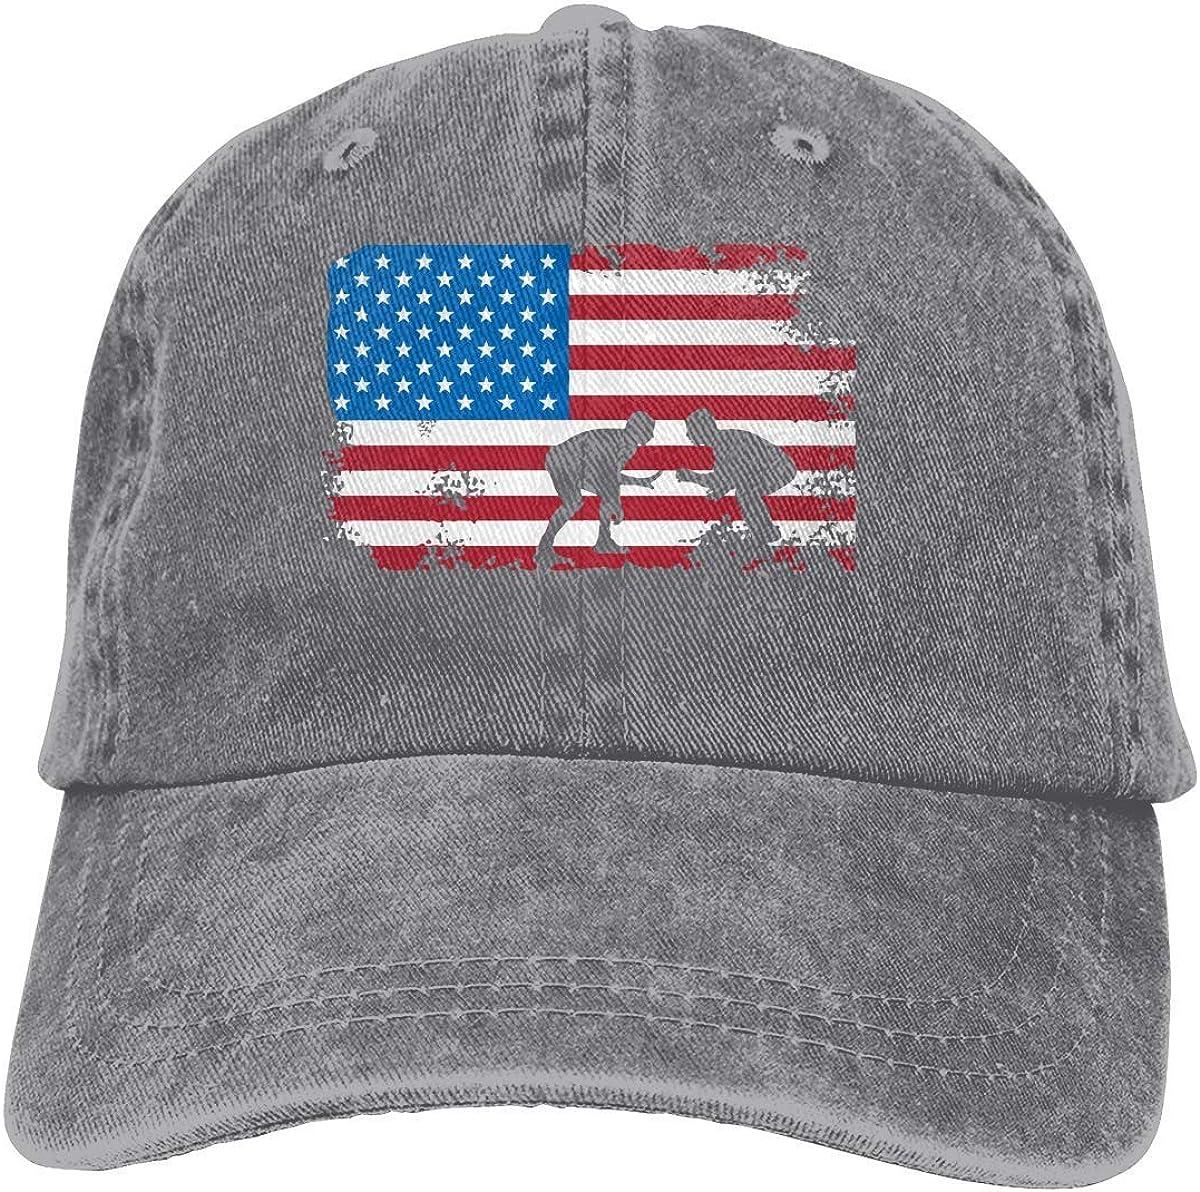 Winterwang - Gorro de béisbol con diseño de bandera americana para hombre y mujer